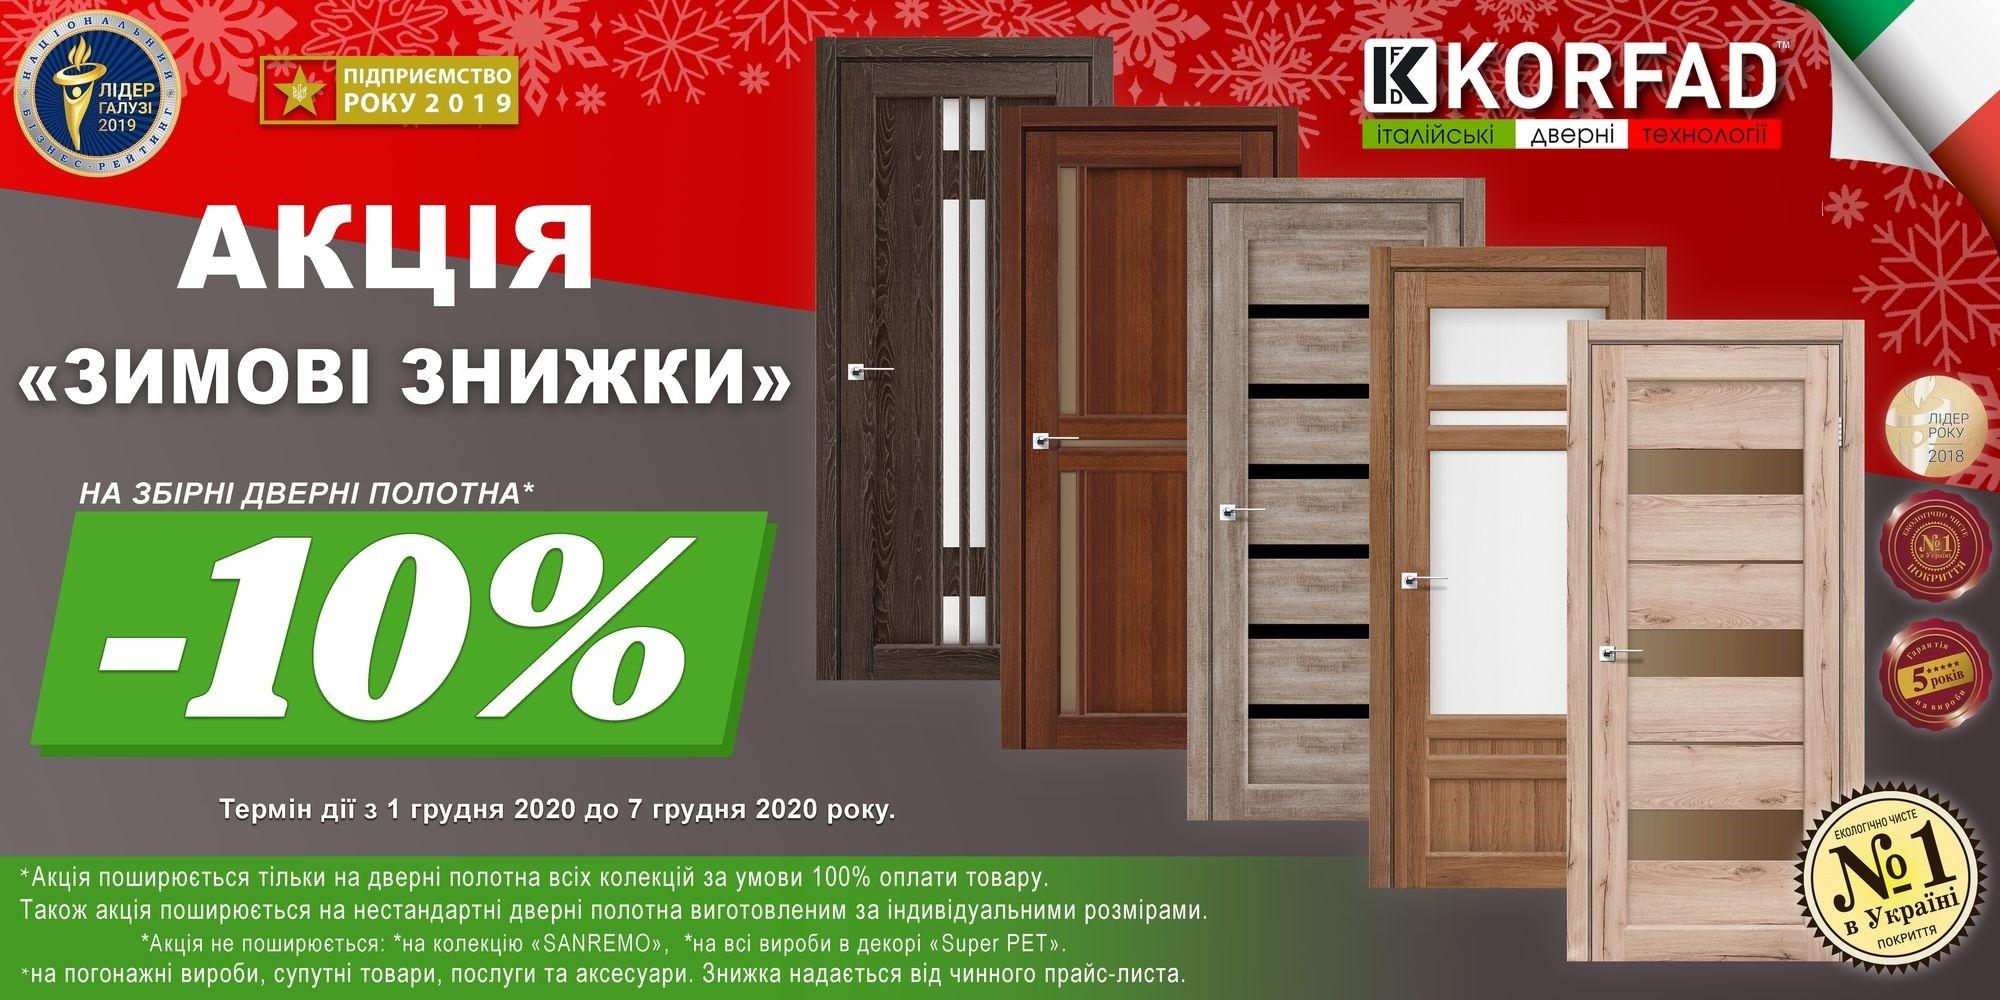 - 10% знижка на дверні полотна*